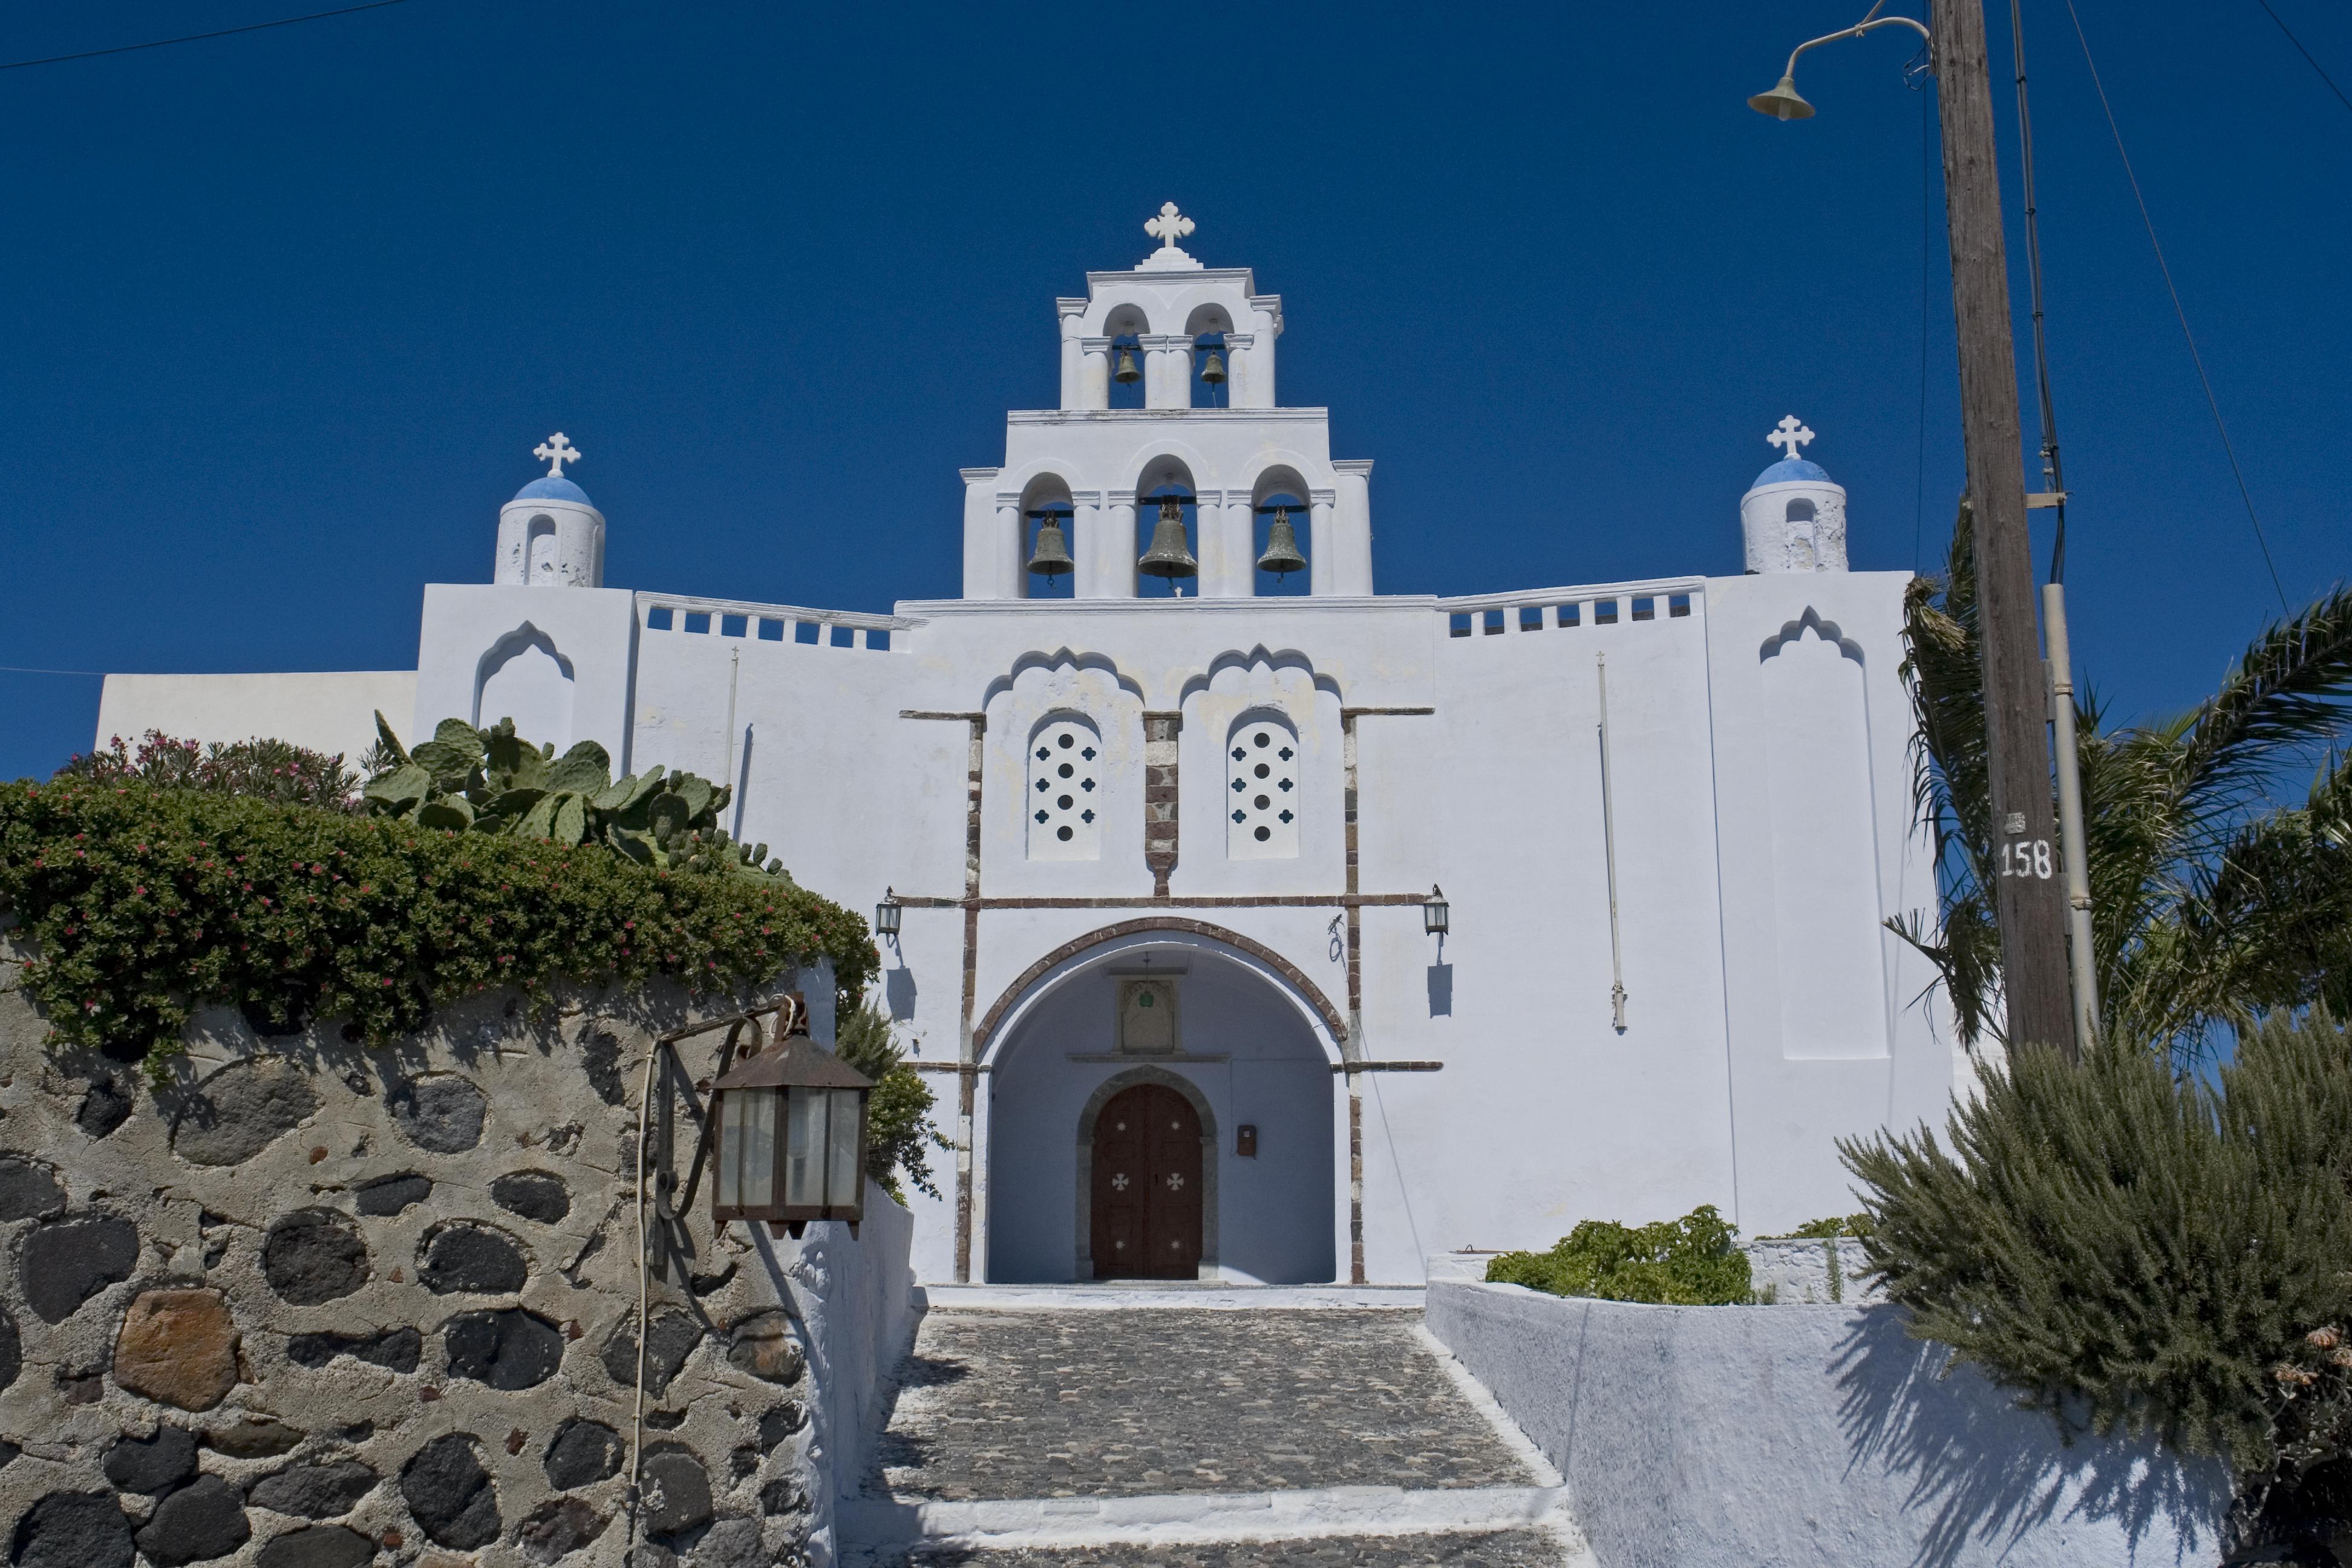 File:Santorini pyrgos kastellkirche 160707.jpg - Wikipedia